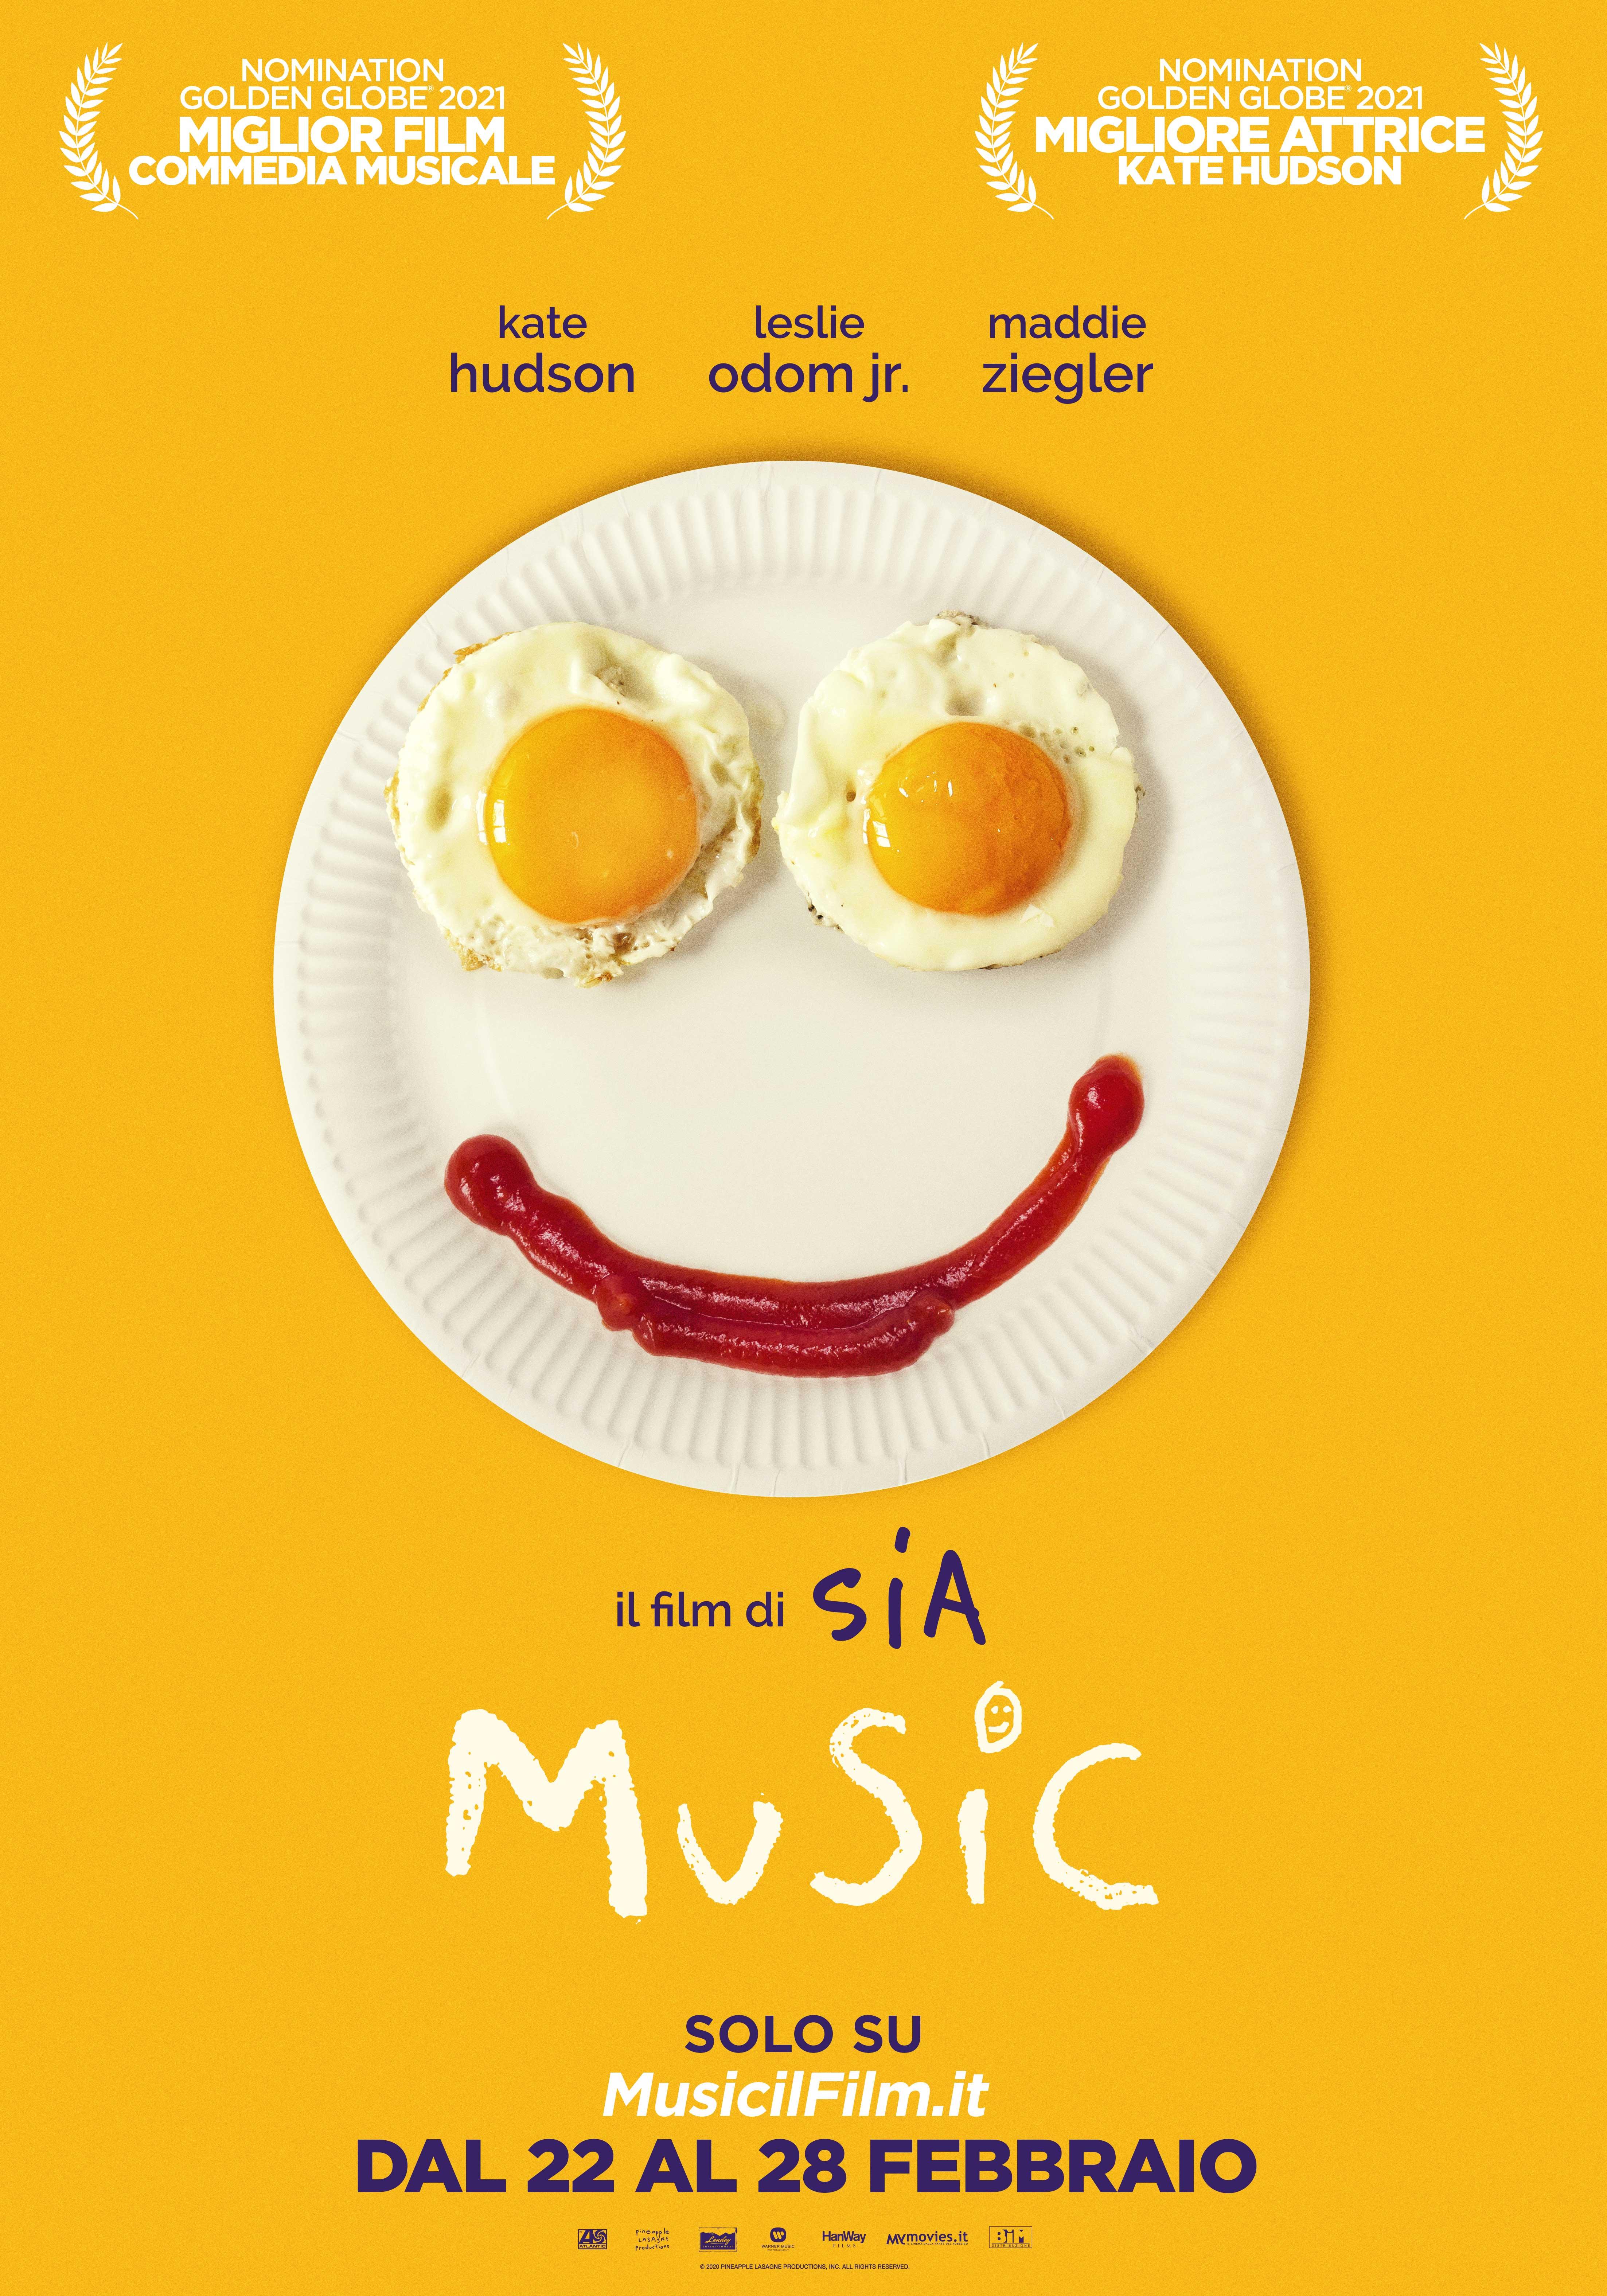 MUSIC, il film di SIA in streaming DISPONIBILE DAL 22 AL 28 FEBBRAIO SOLO SU MusicilFilm.it